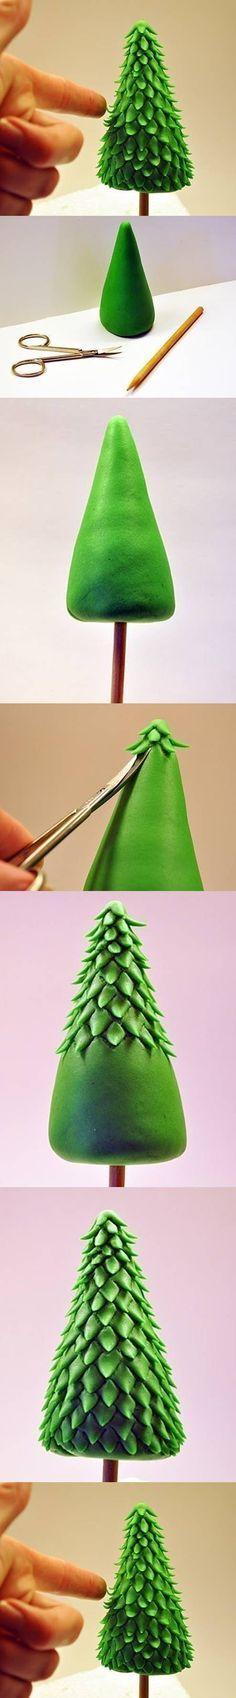 Repiny - Most inspiring pictures and photos! | Crafts an DIYs | Pinterest | Bäume, Fondant und Weihnachtsbäume